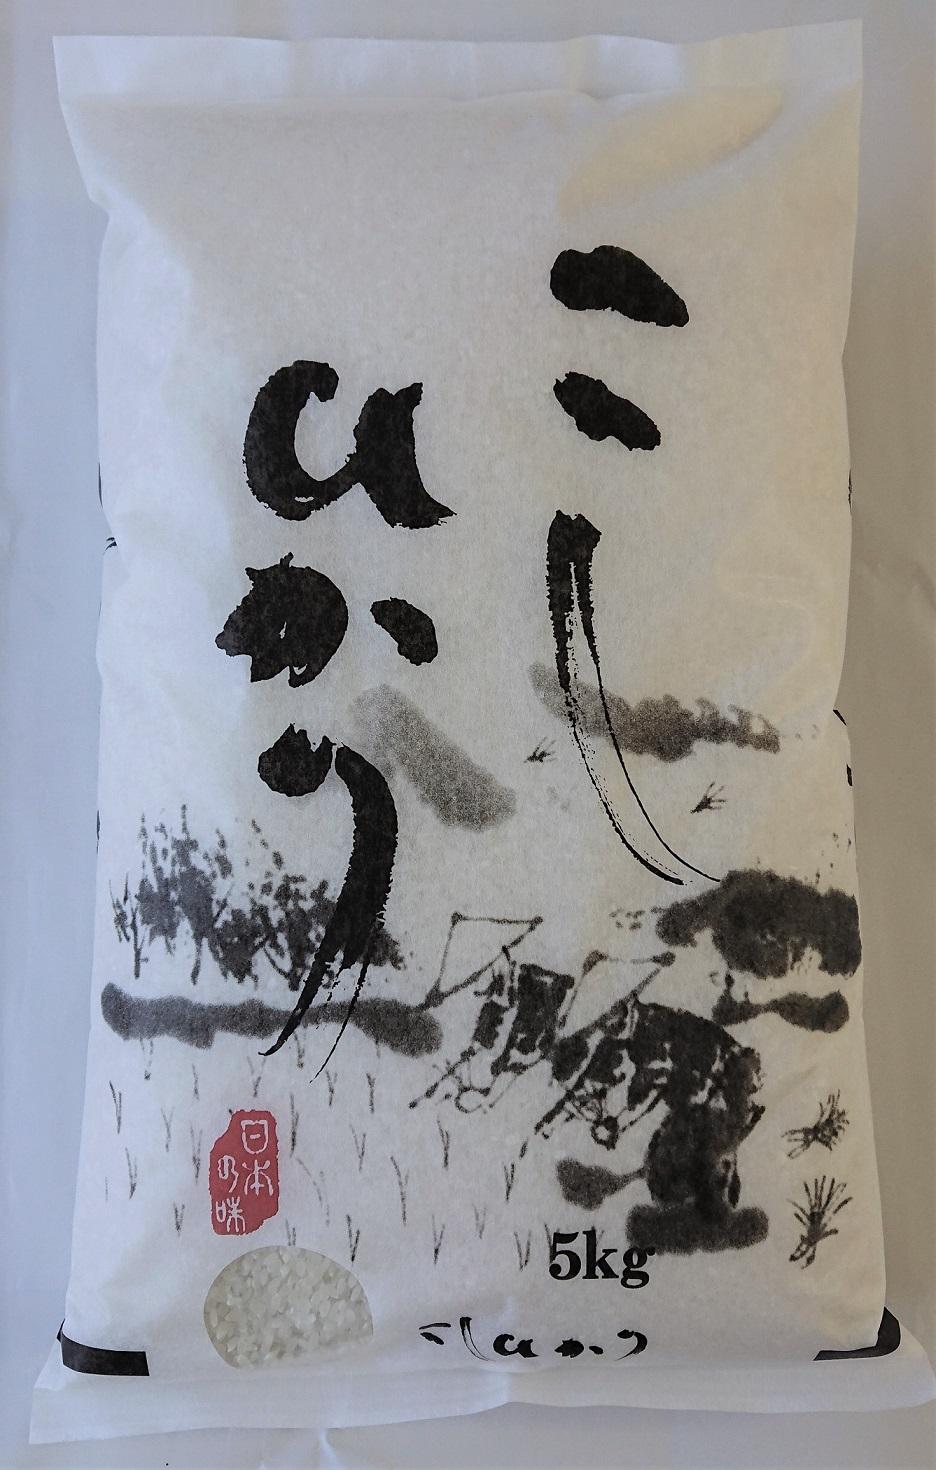 499 【定期便3回】 鳥取県産コシヒカリ 5㎏x3回お届け(米村商店)